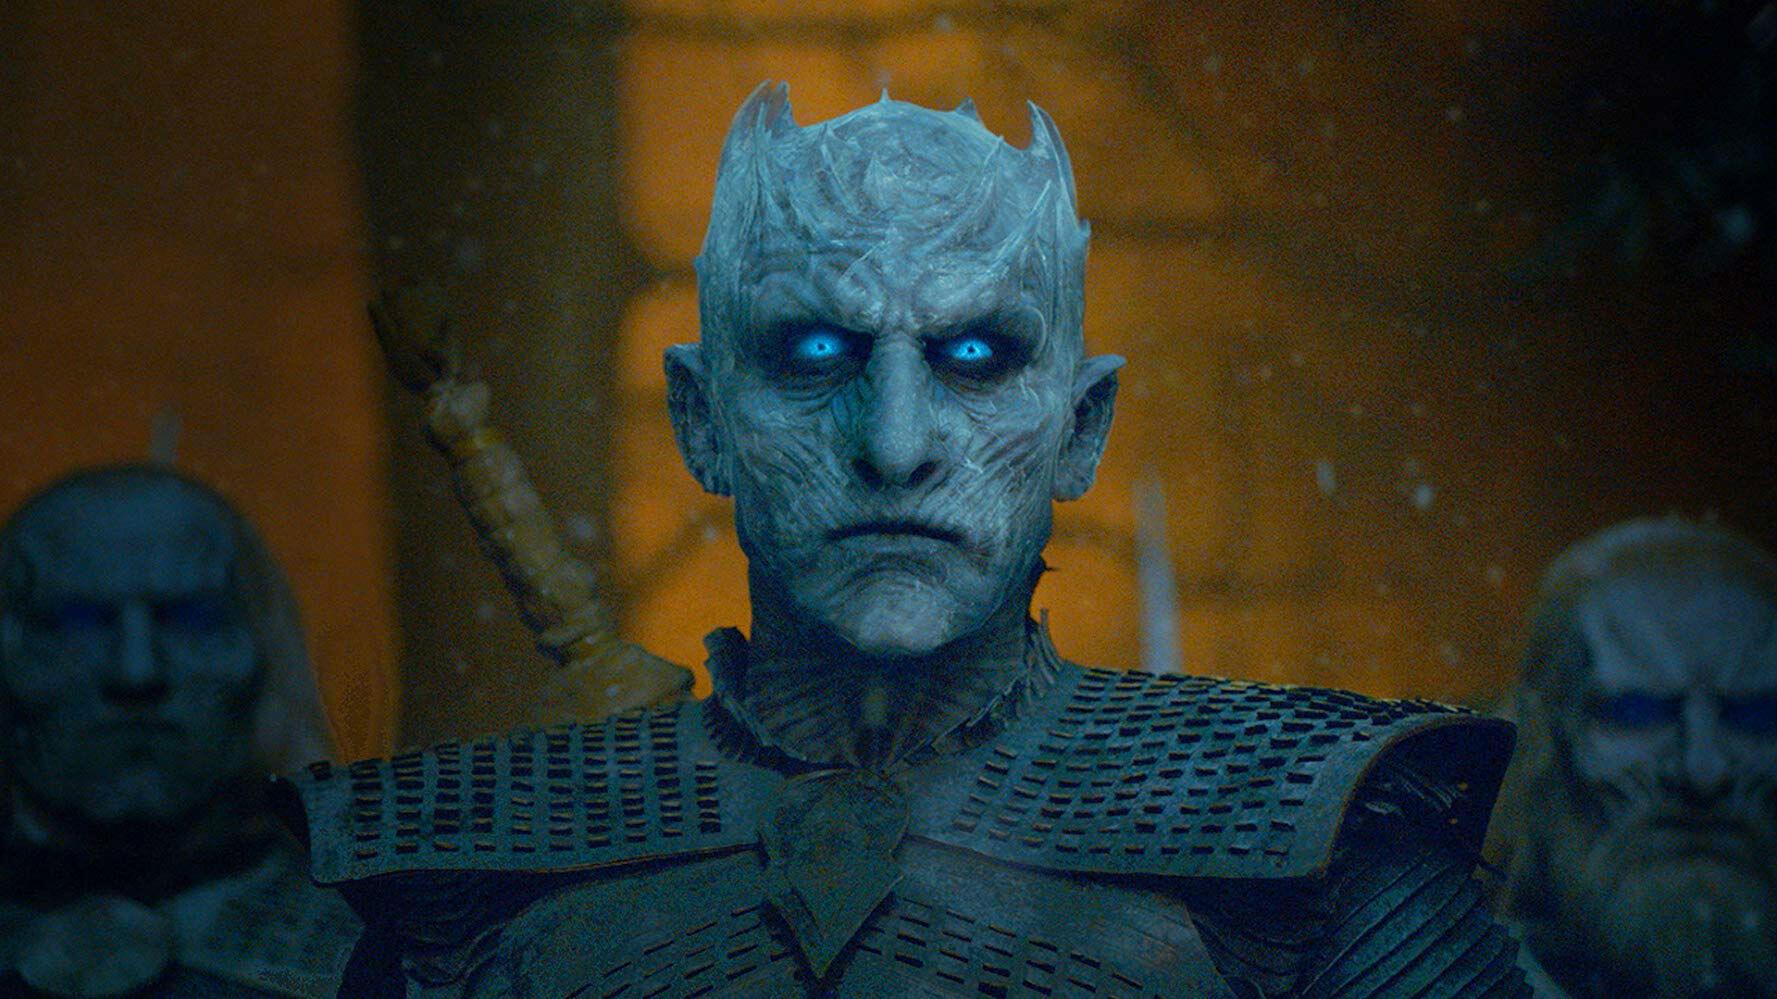 El Rey de la Noche parece invencible hasta que Arya Stark lo apuñala con una daga de acero valyrio. En ese momento, todo su ejército se desmorona.